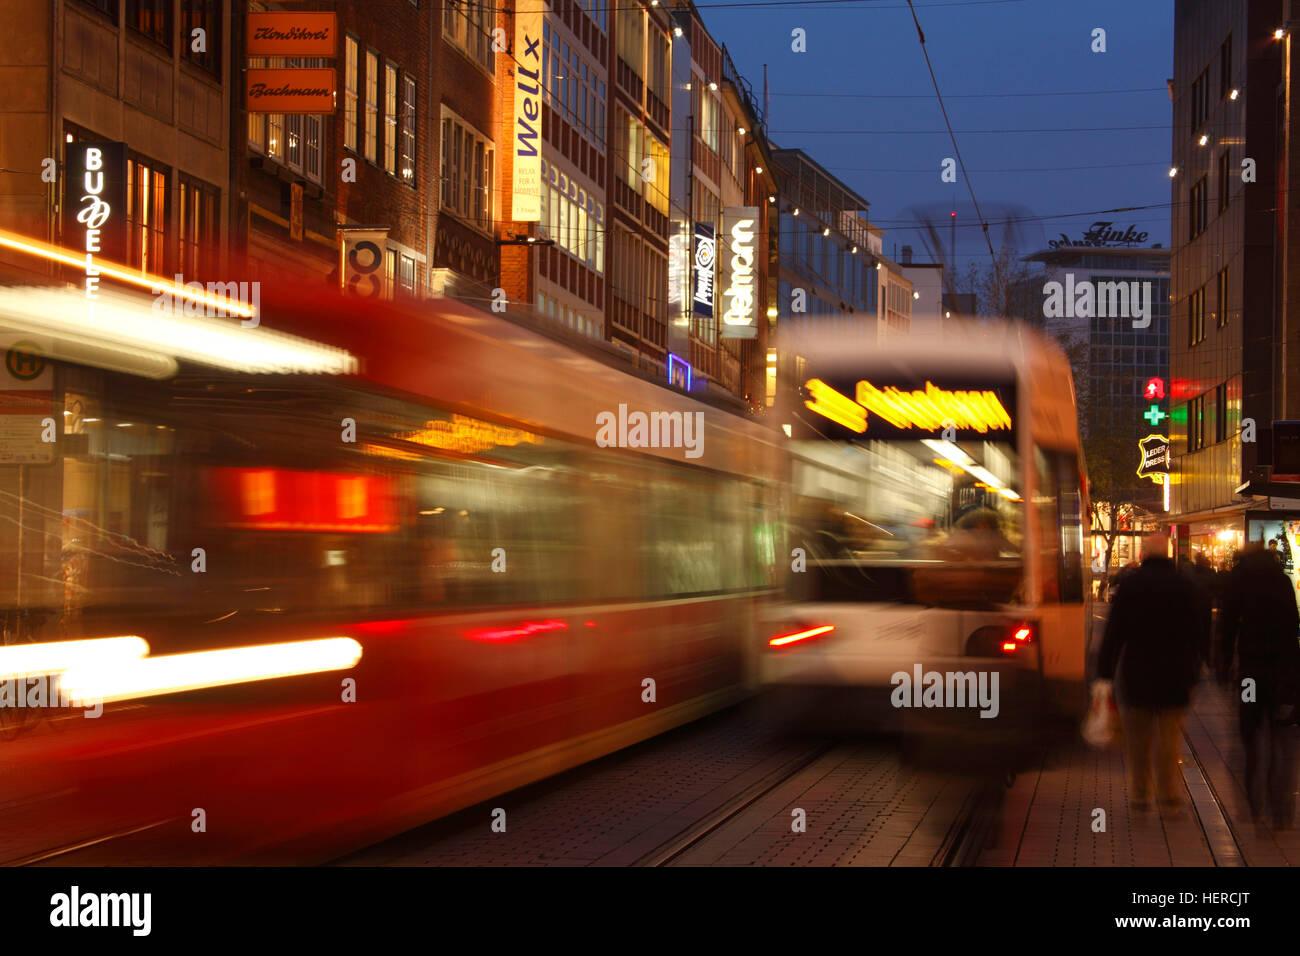 Straßenbahnen mit Geschäftshäusern in der Einkaufsstraße Obernstraße bei Abenddämmerung, Bremen, Deutschland, Europa Stock Photo